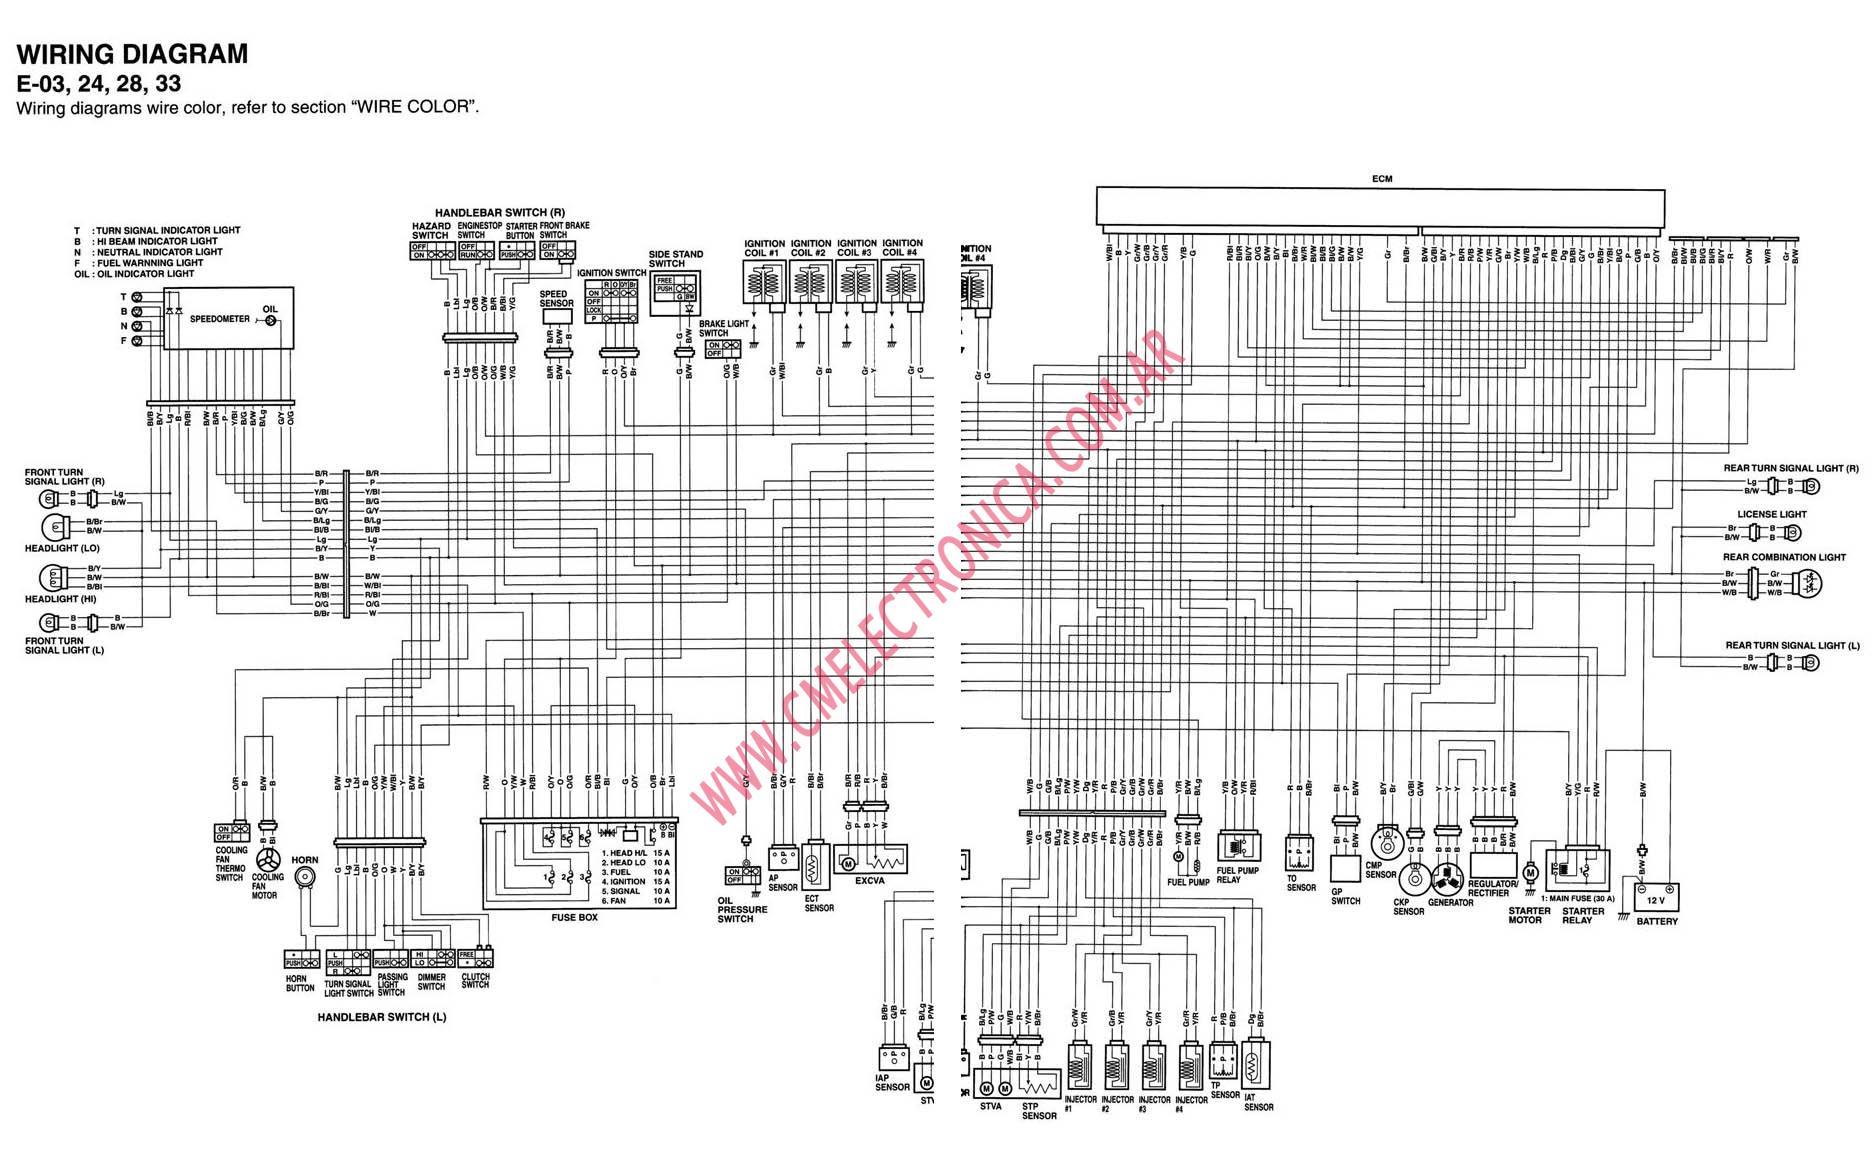 2002 Gsxr 1000 Wiring Diagram - Wiring Diagram Review Suzuki Marauder Ignition Wiring Schematic on